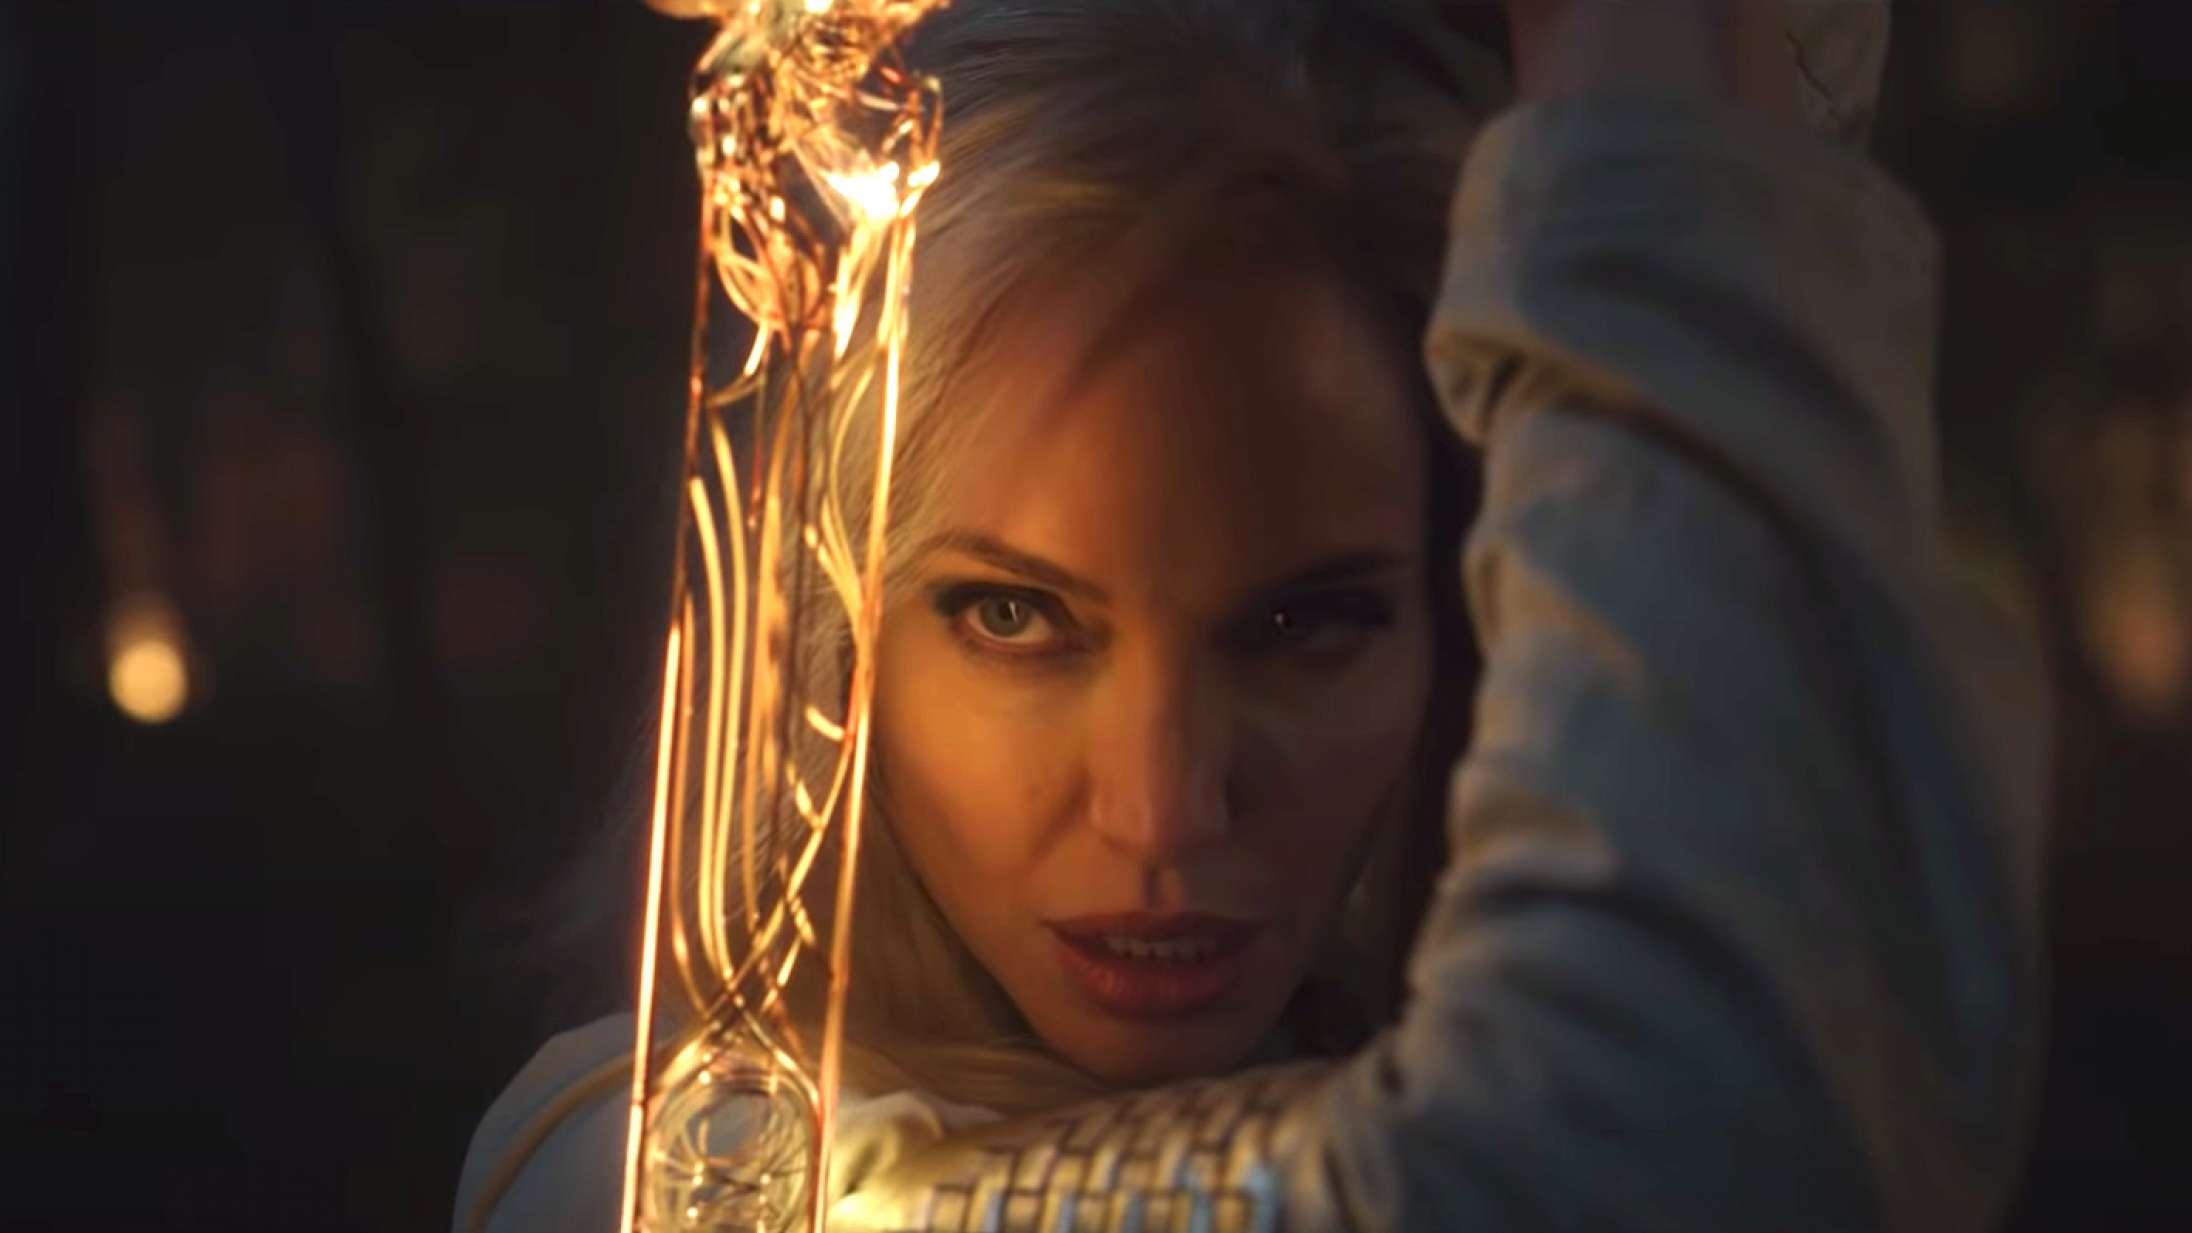 Ny video afslører datoer for de næste 10 Marvel-film – og giver smugkig på 'Nomadland'-instruktørs 'Eternals'